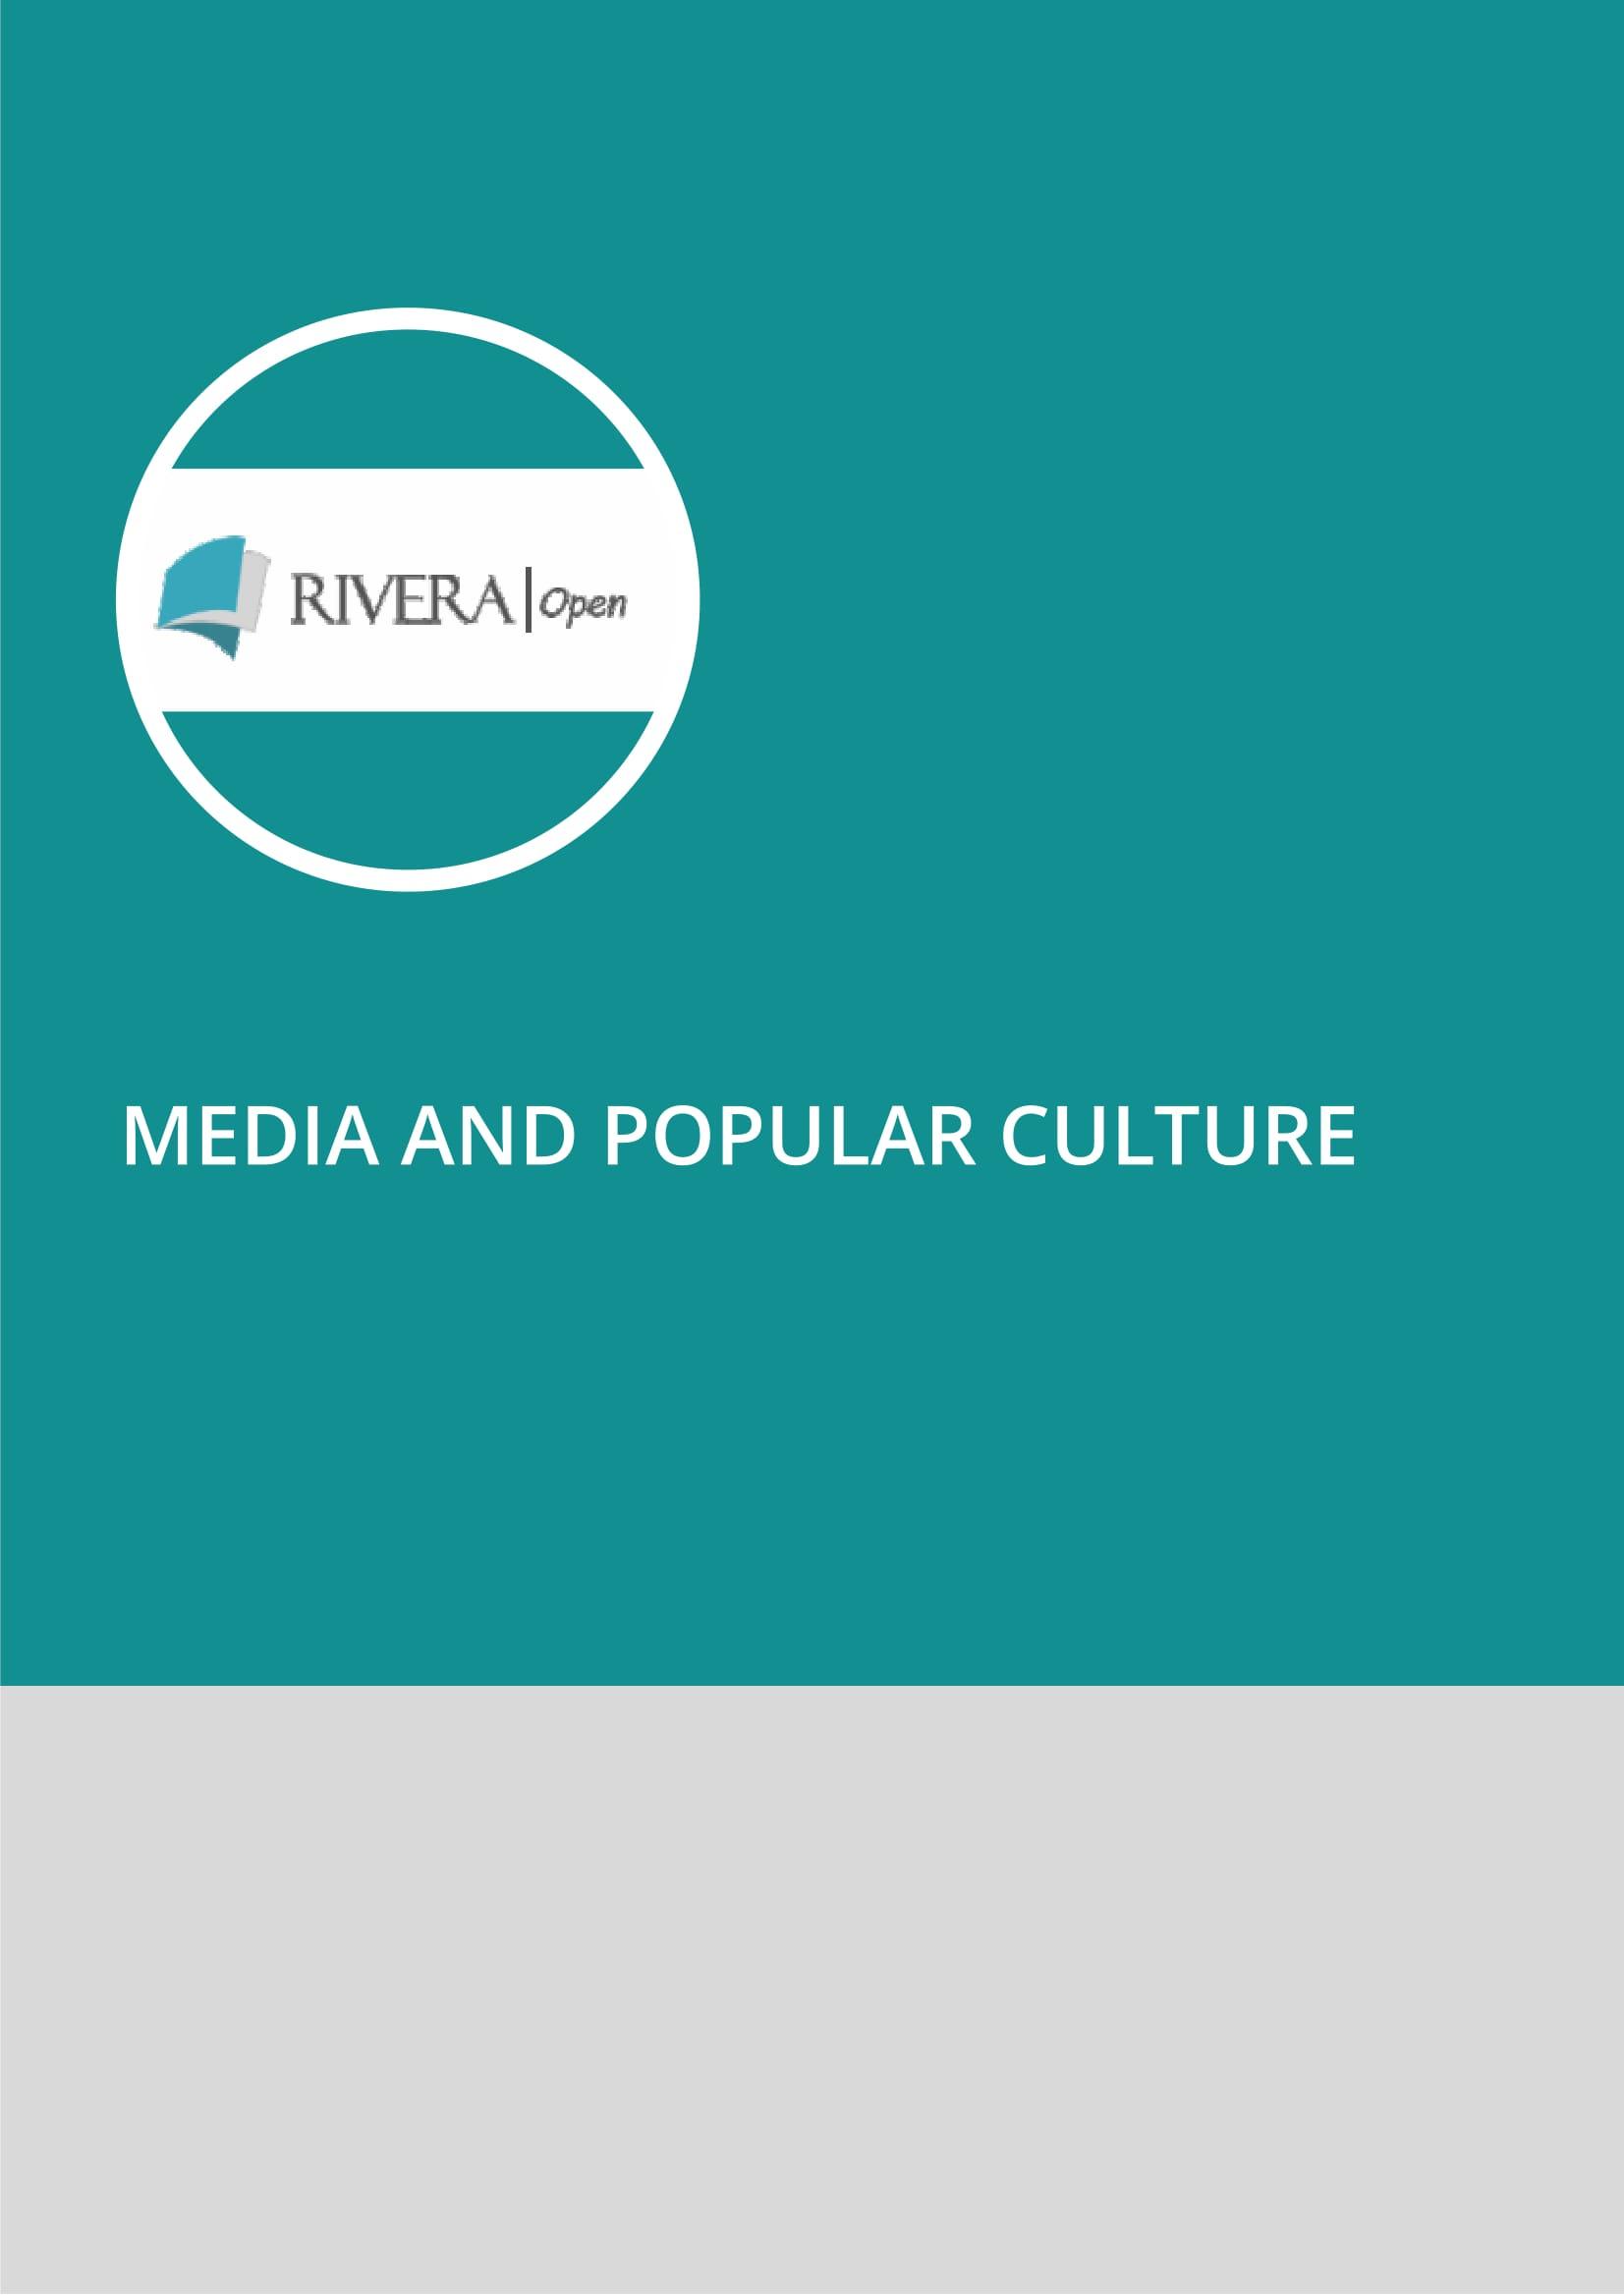 Media and Popular Culture